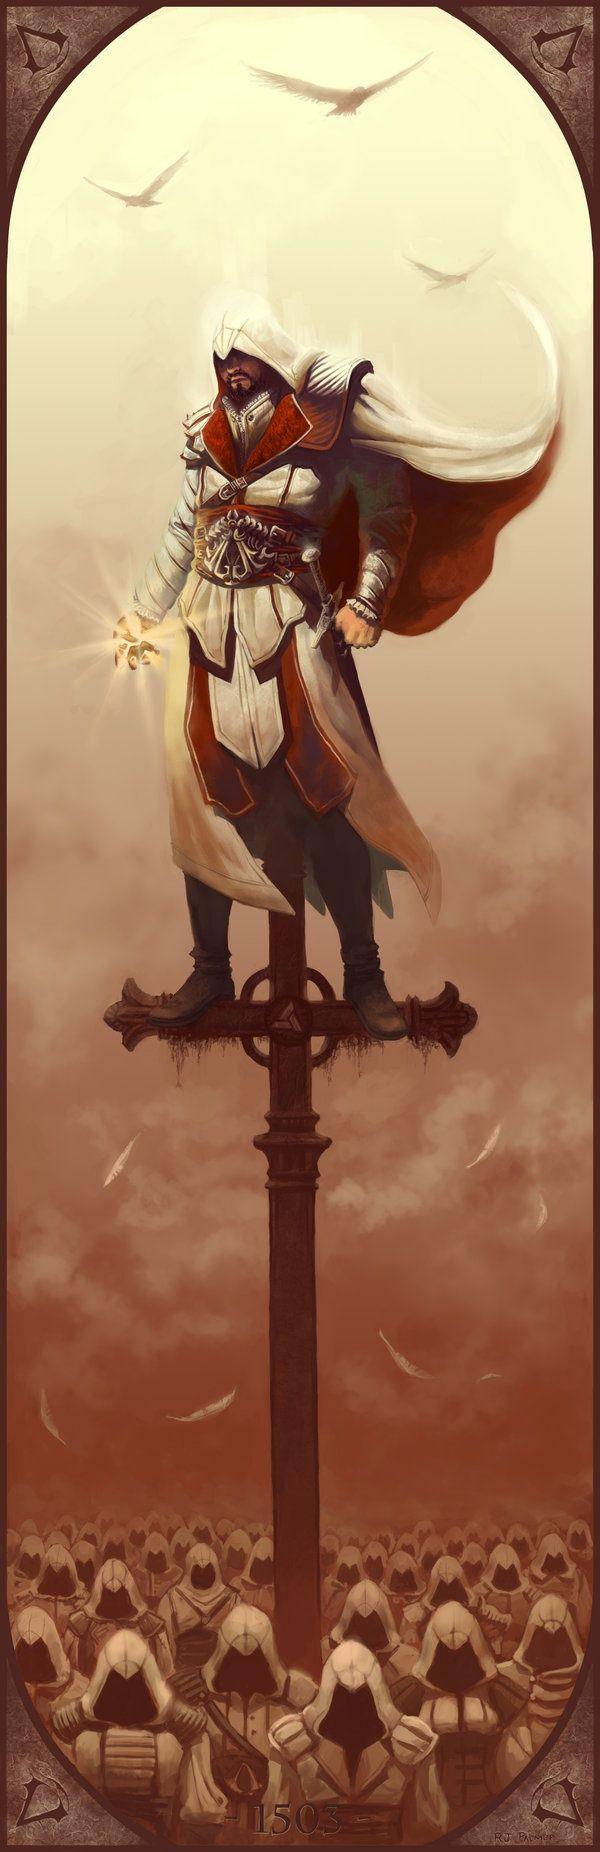 Assassin's Creed: Brotherhood - Auditore da Firenze